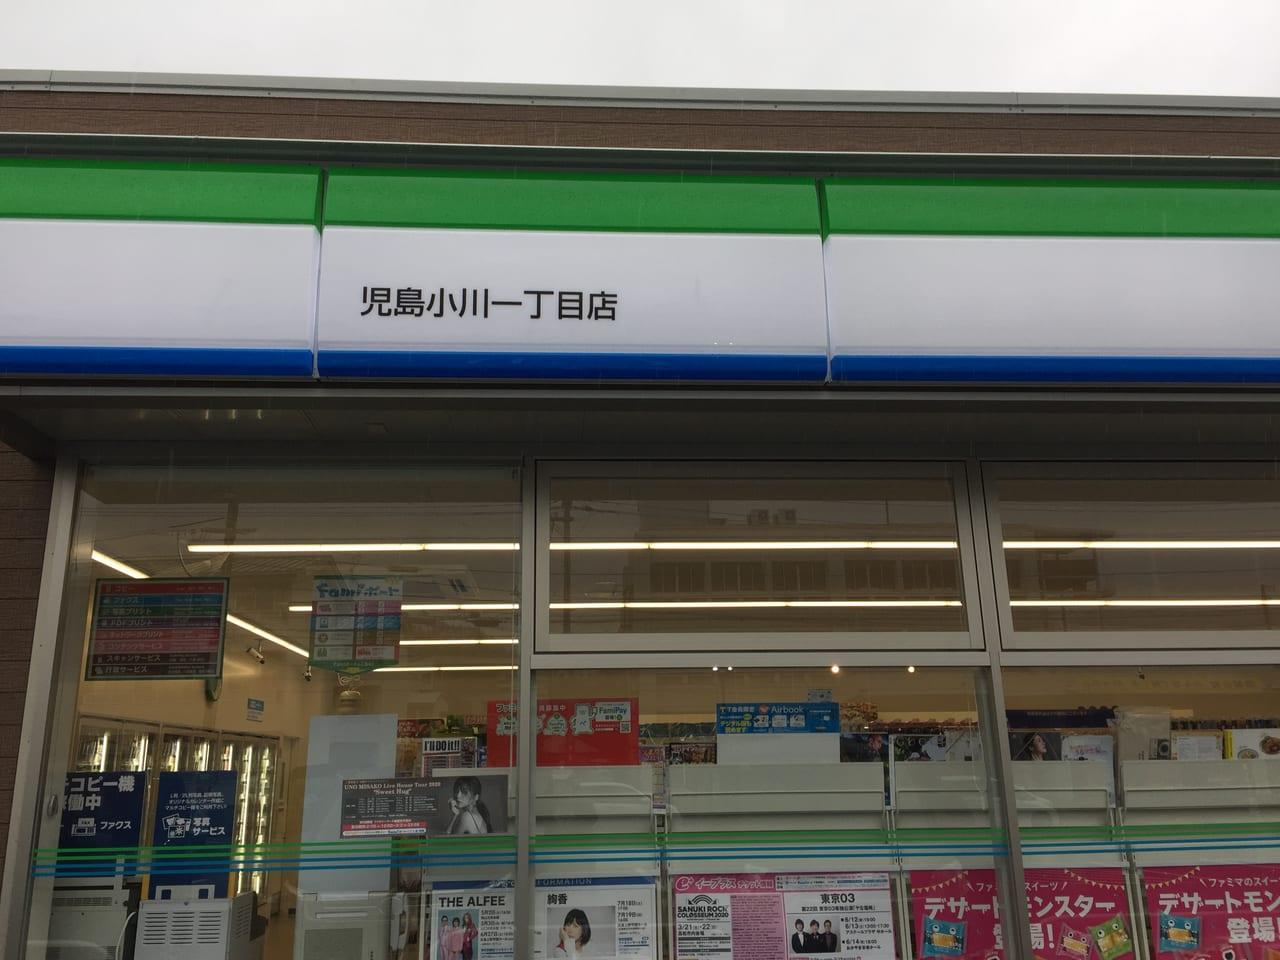 ファミリーマート小川一丁目店